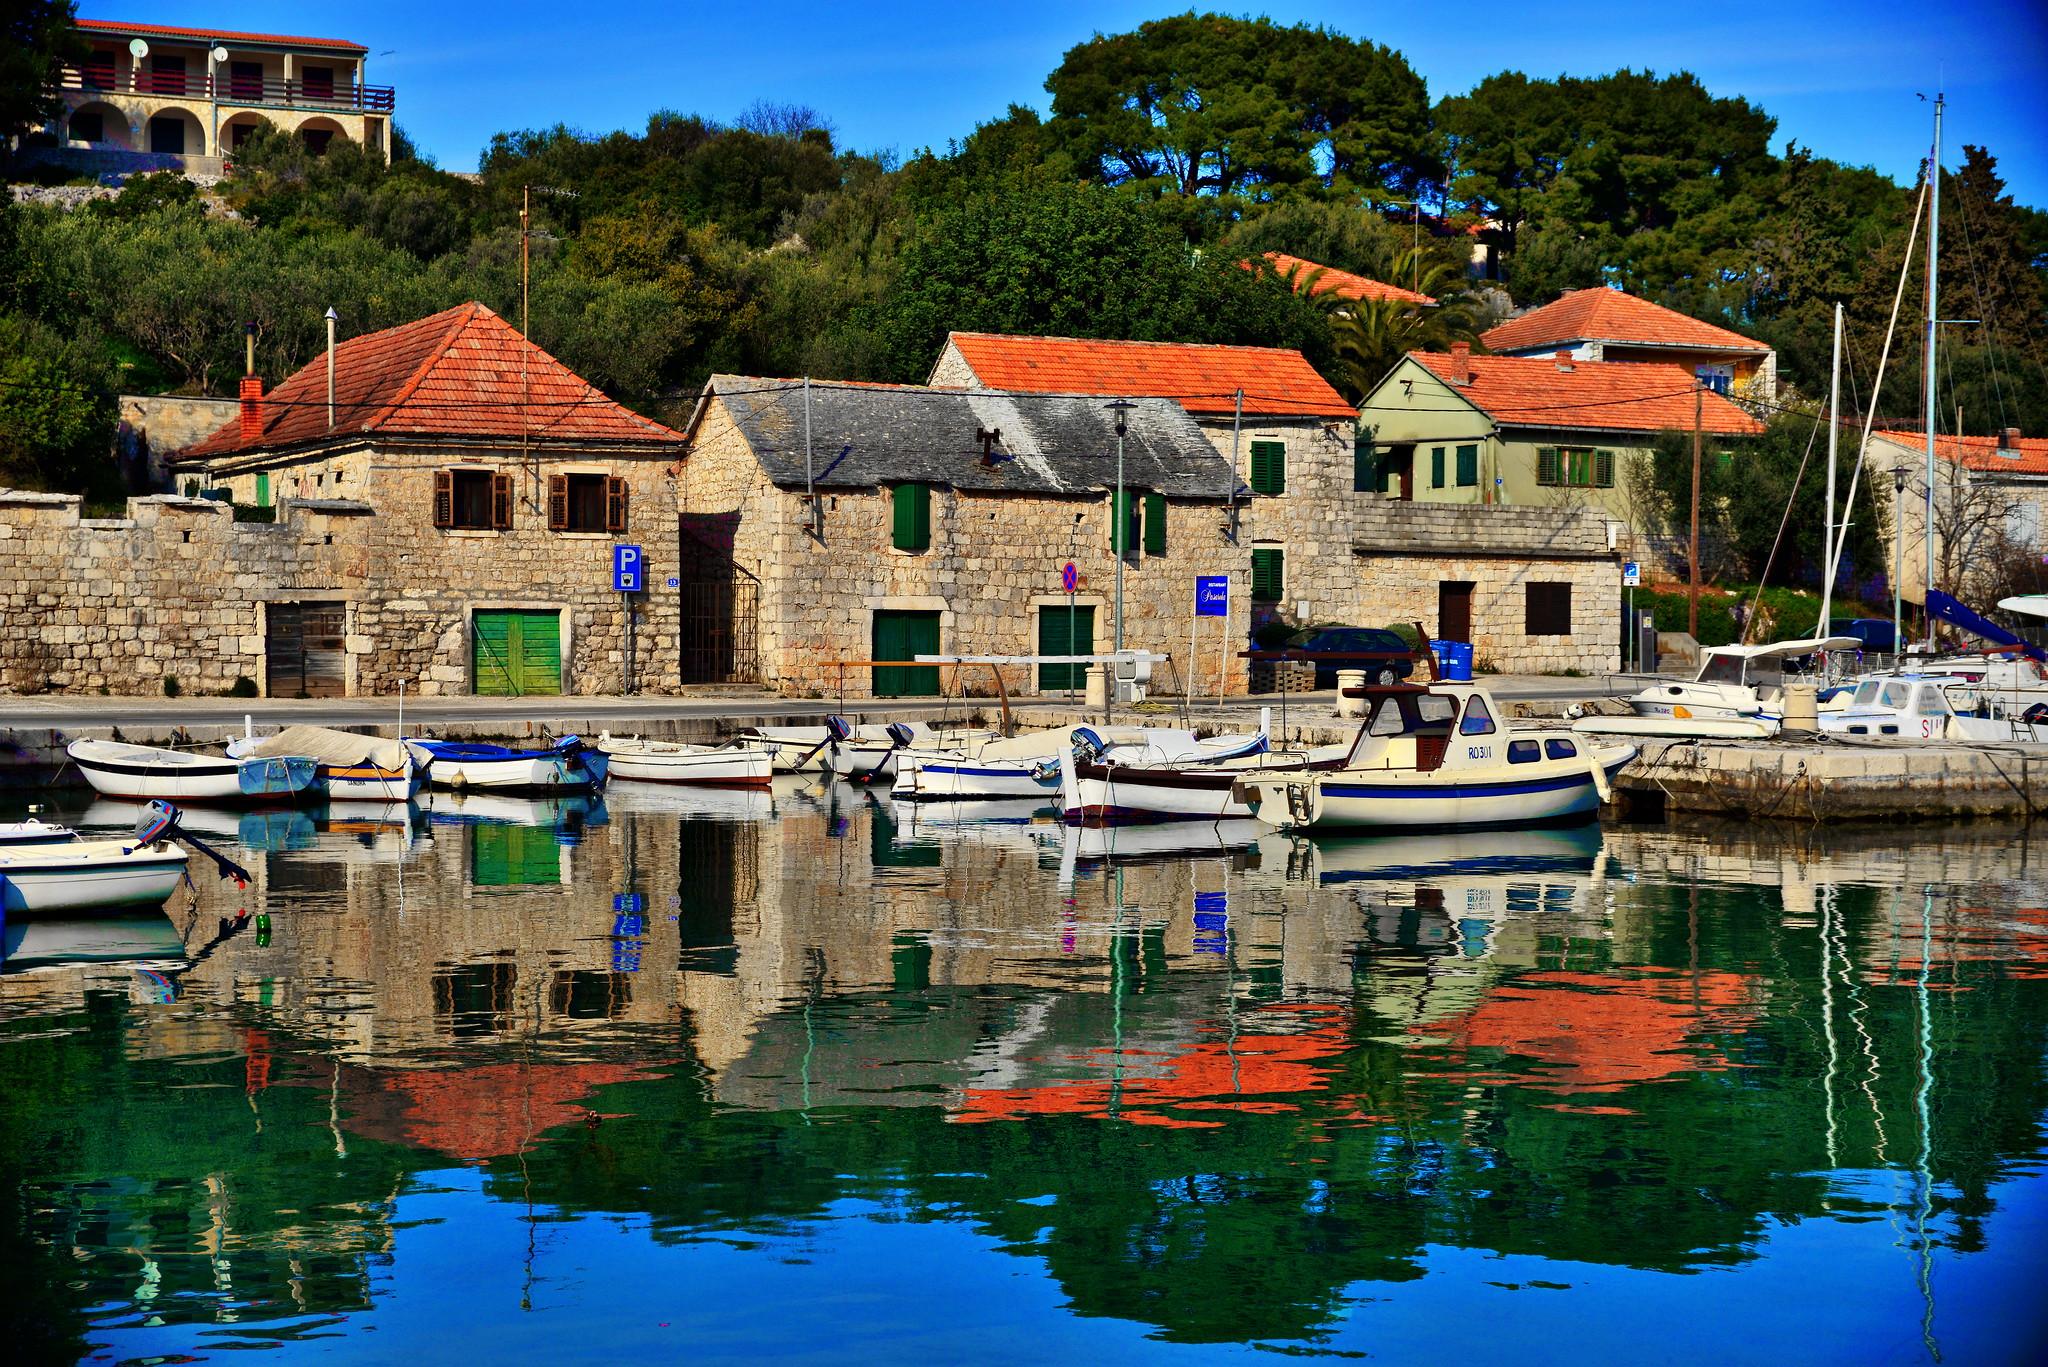 Croatia architecture   16830336081 4217e9388e k